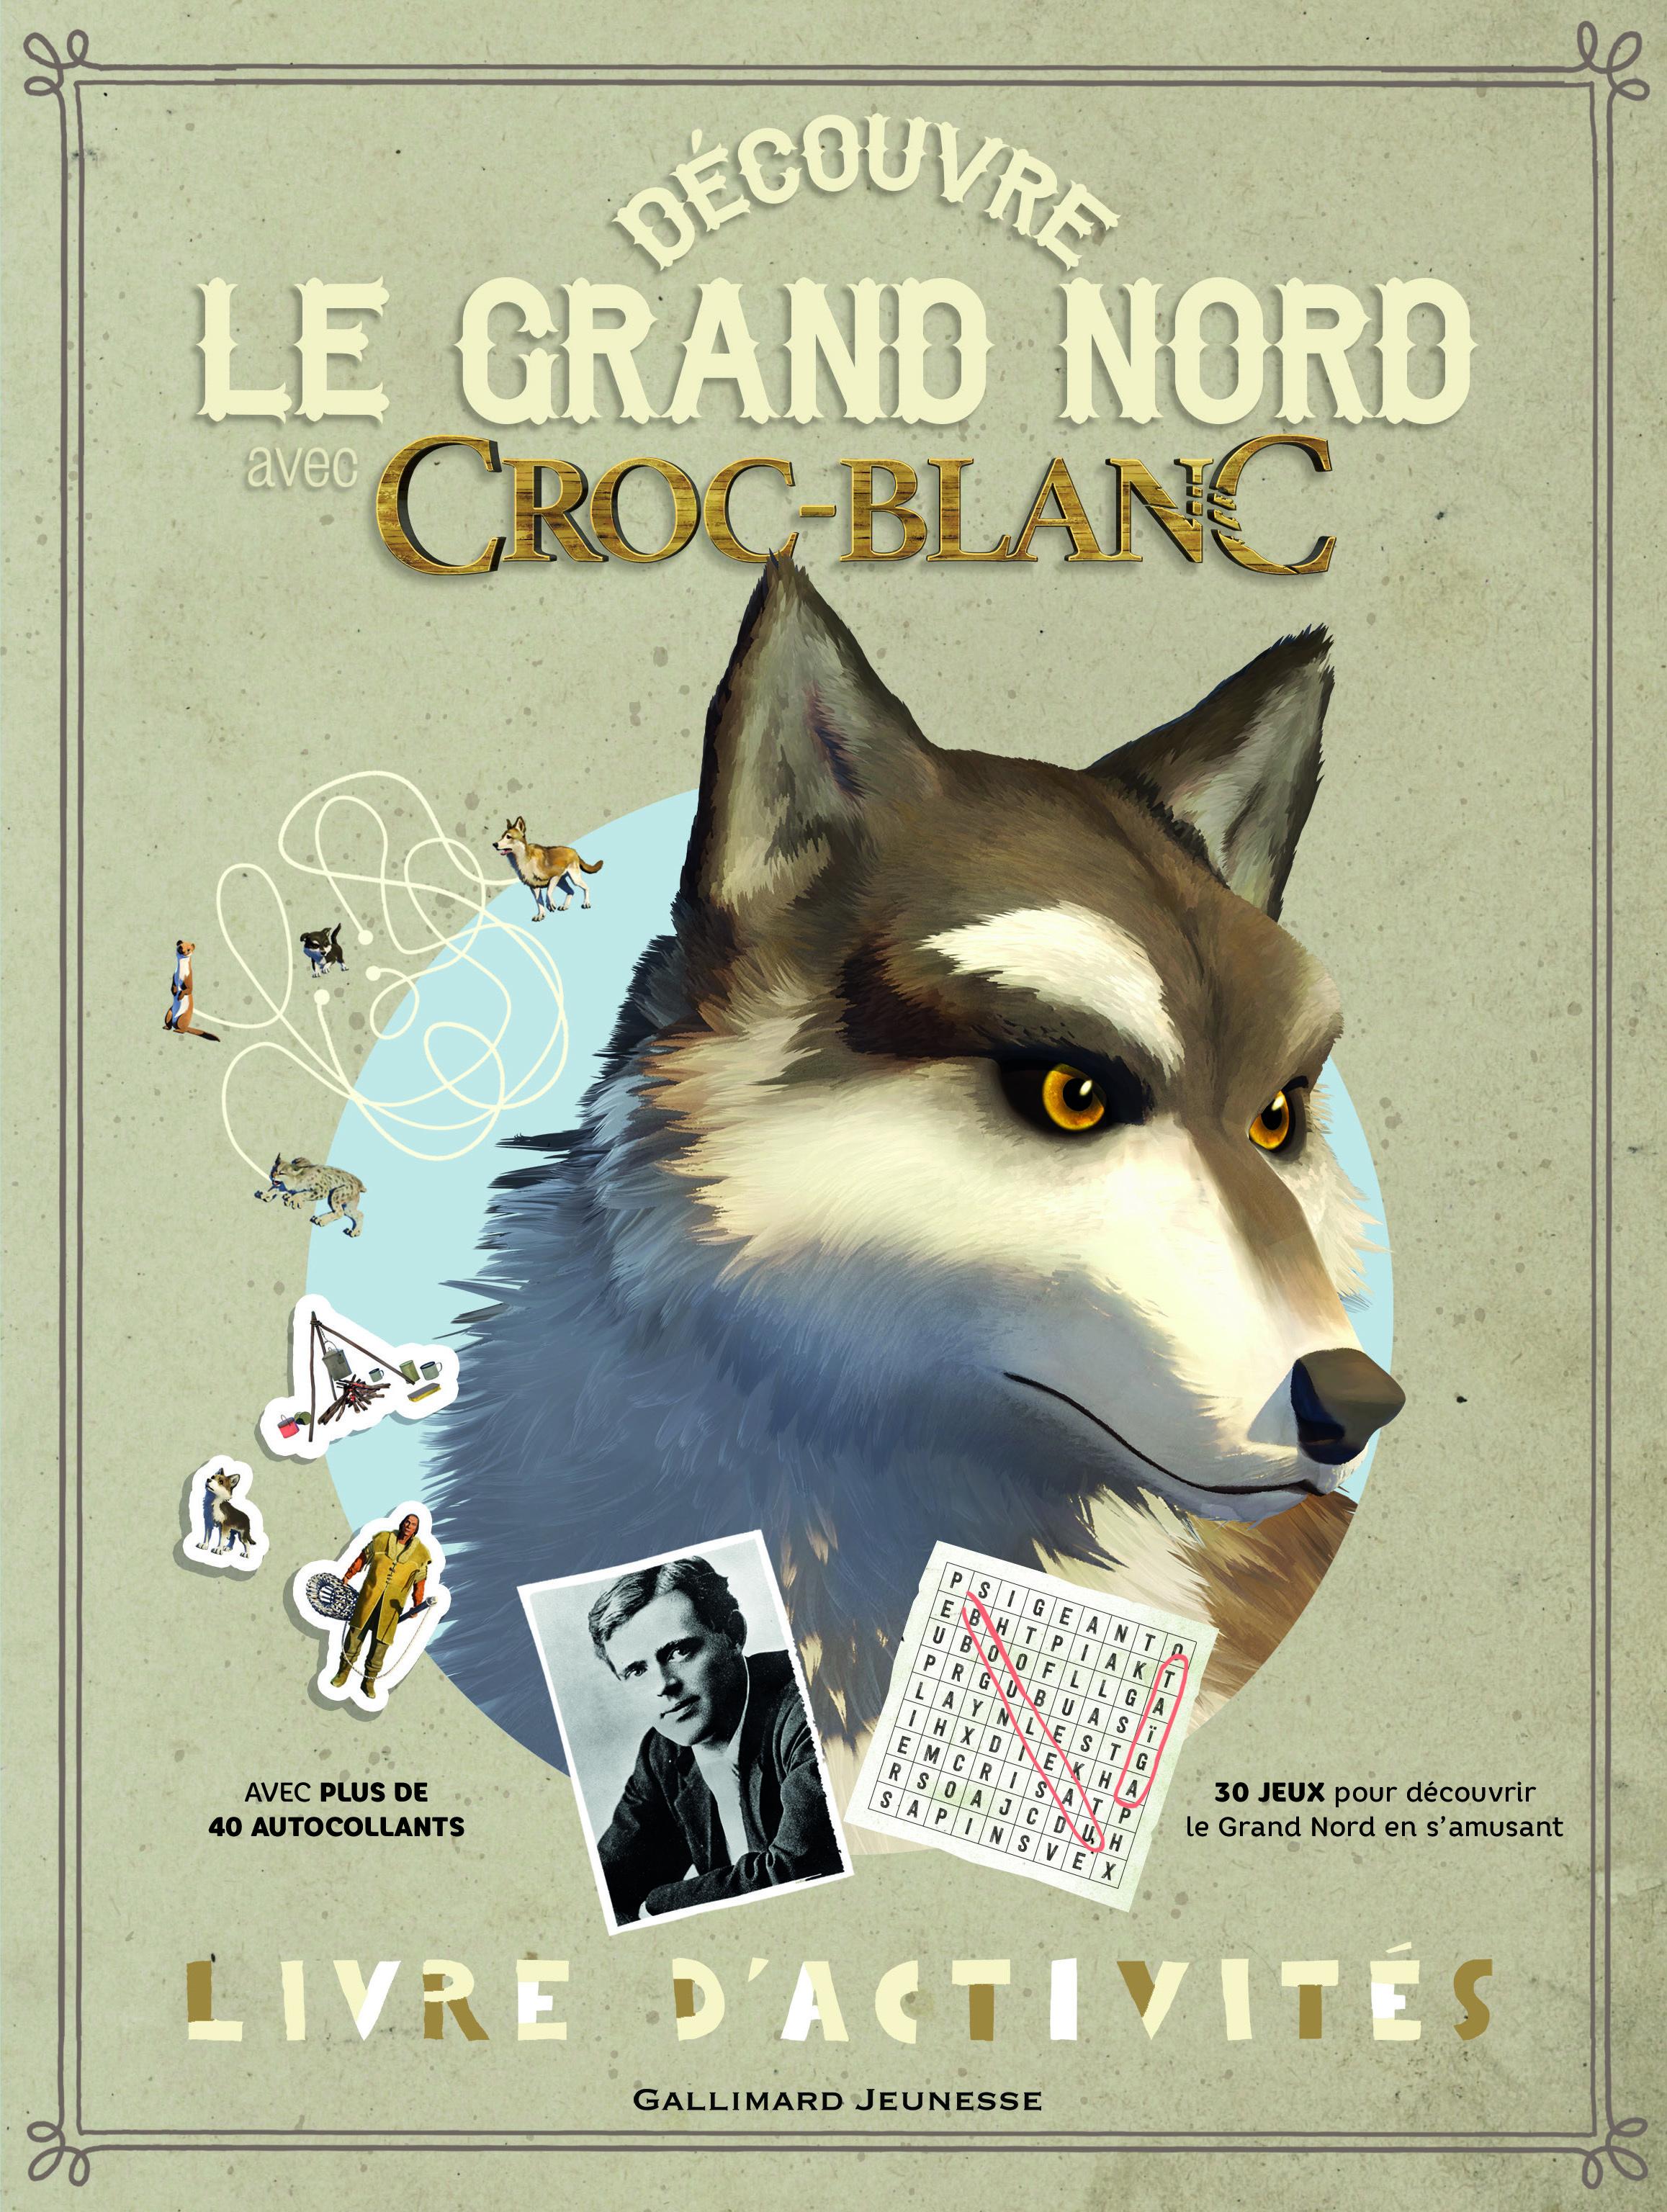 DECOUVRE LE GRAND NORD AVEC CROC-BLANC - LIVRE D'ACTIVITES